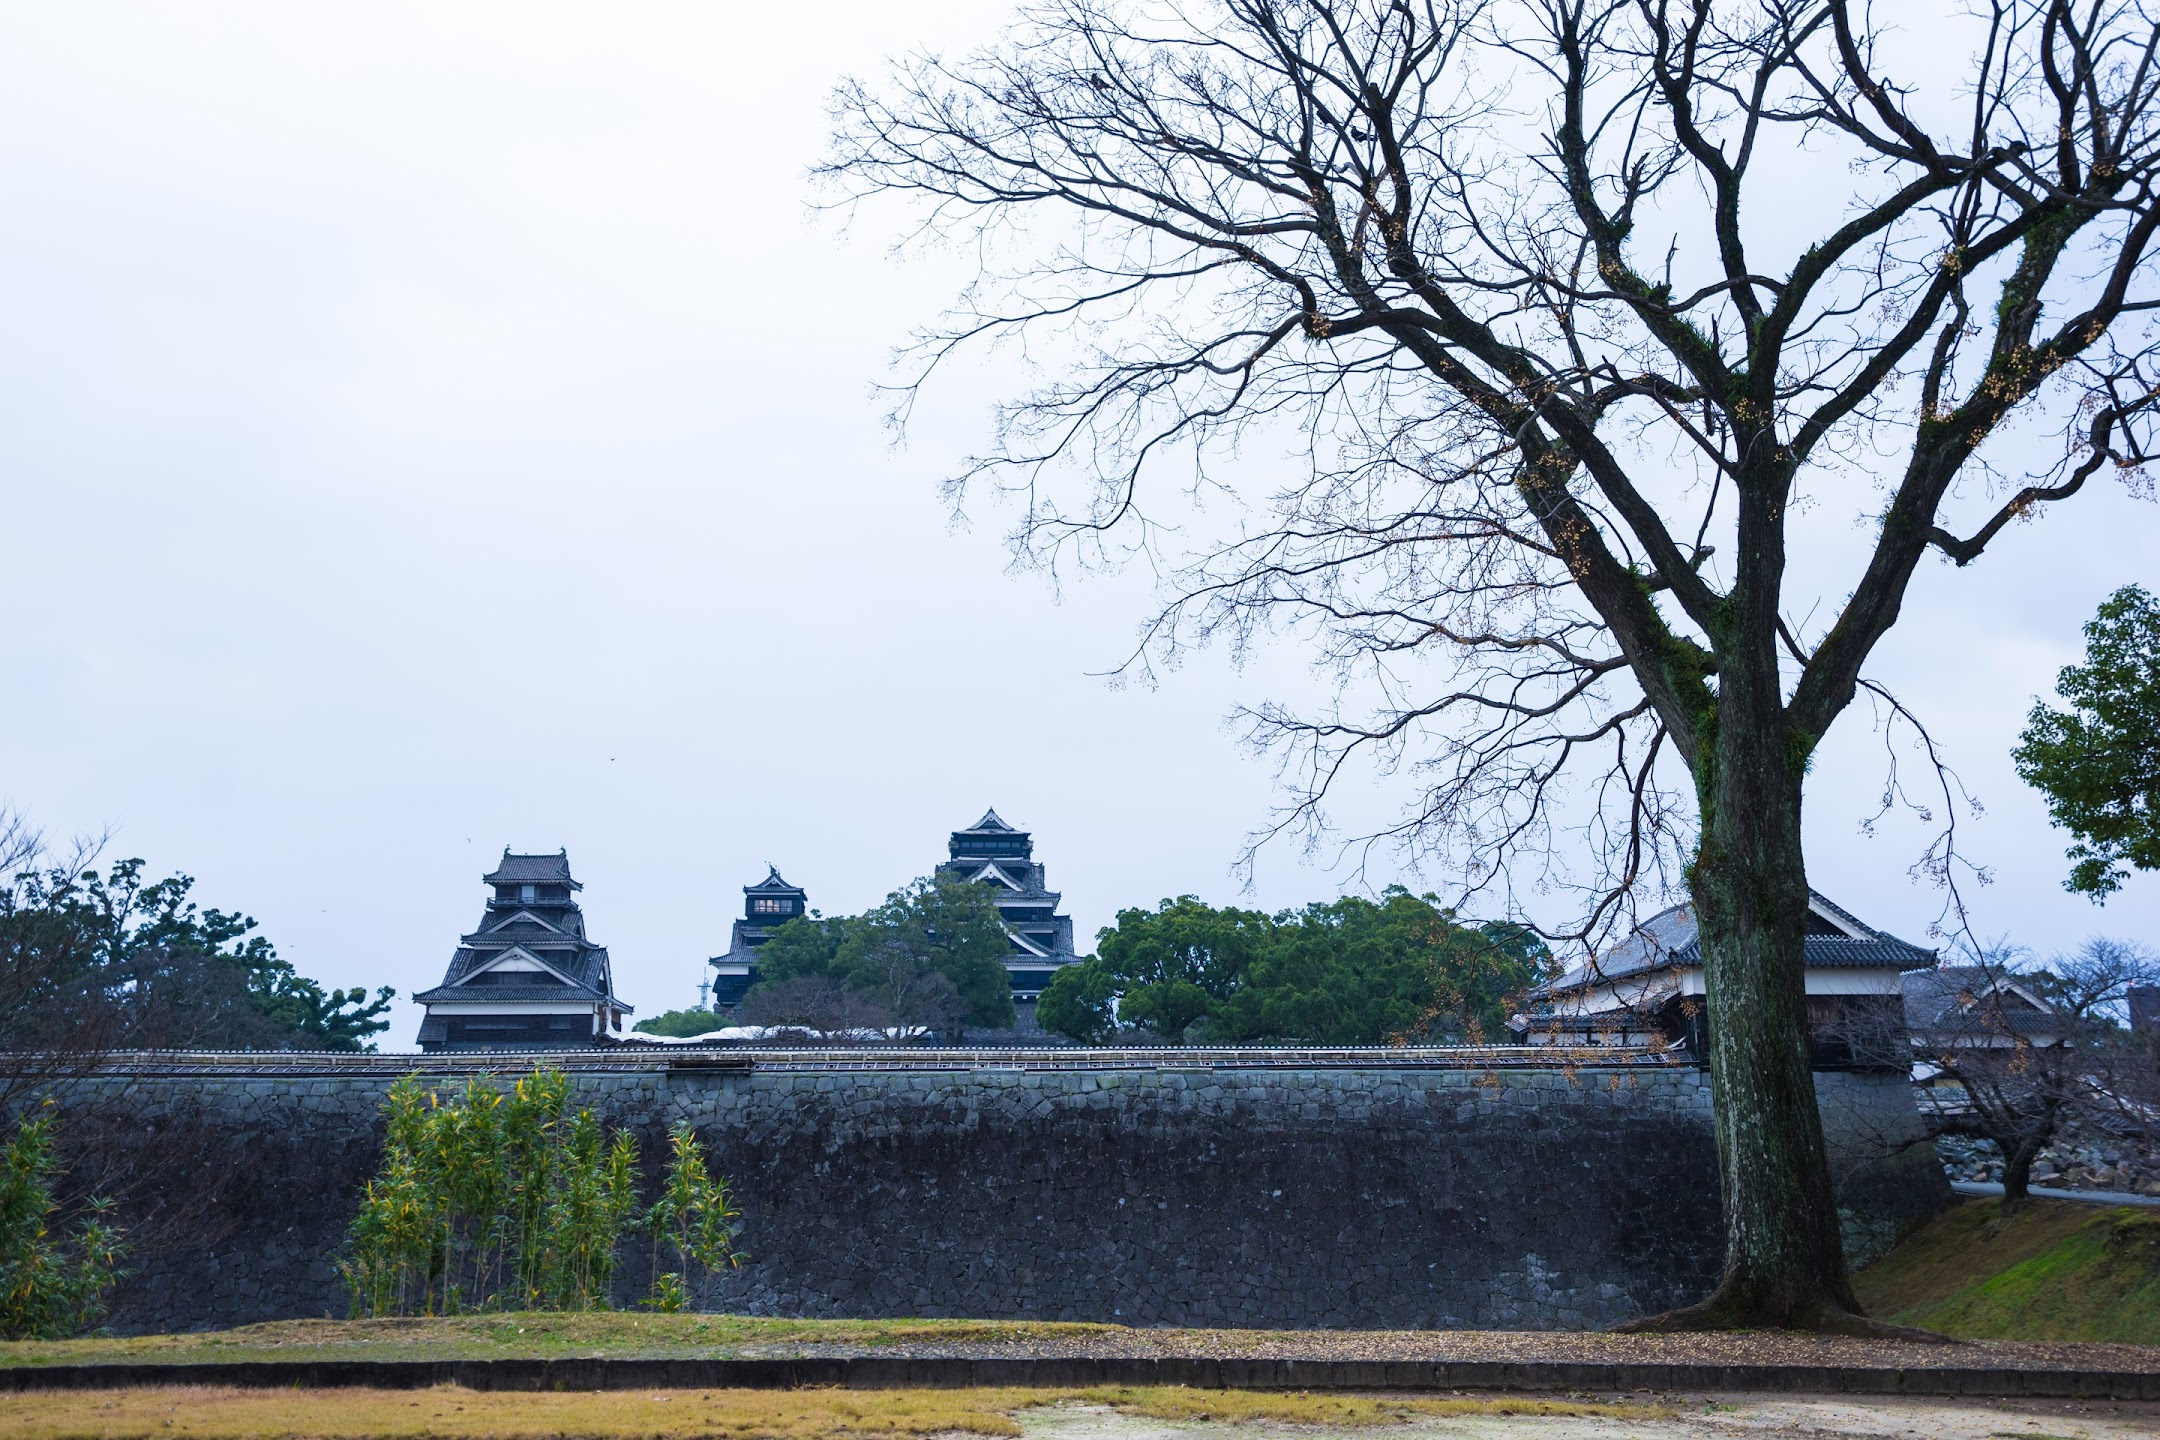 熊本城 二の丸広場2